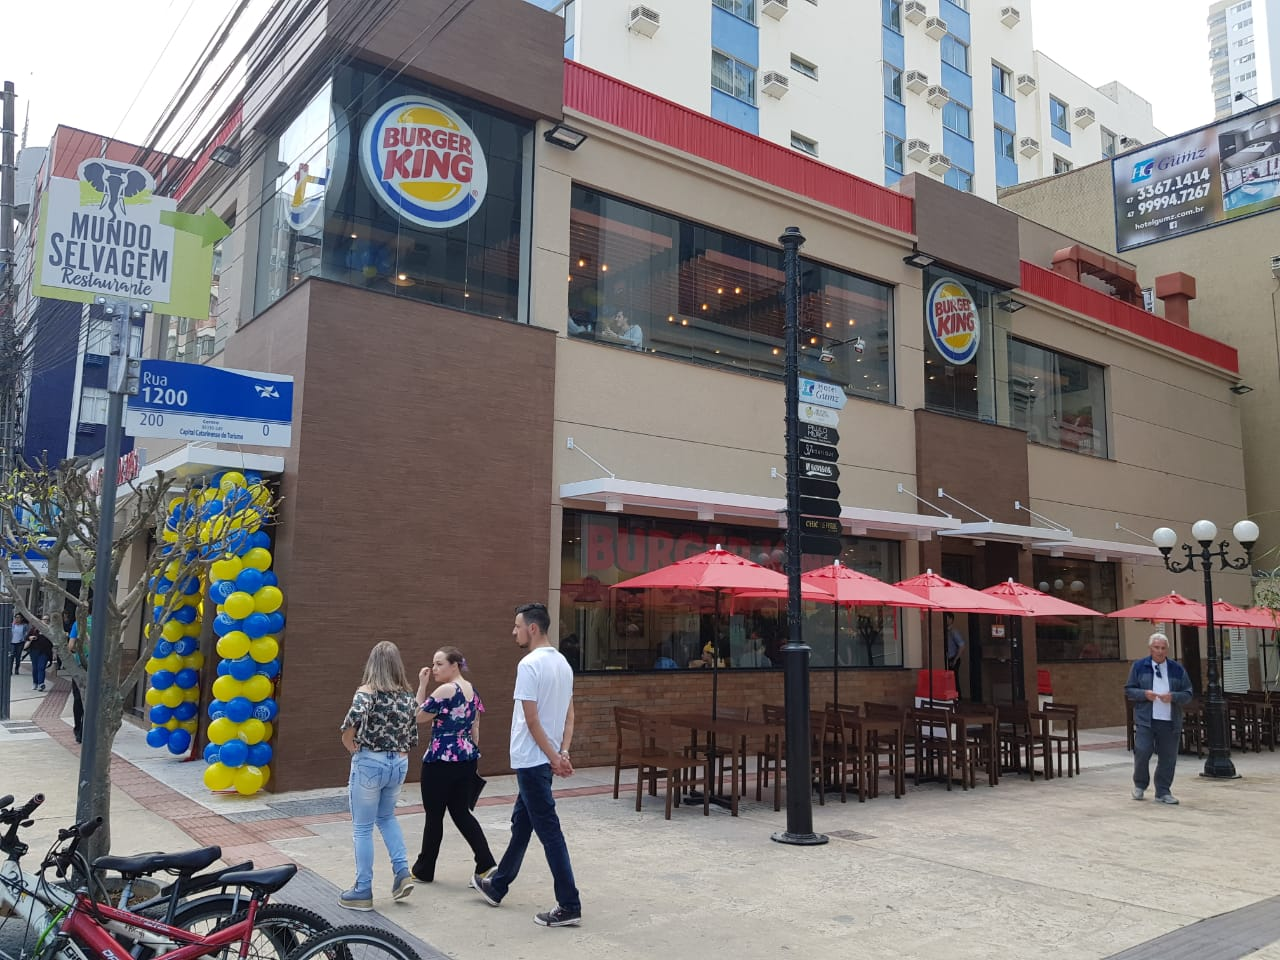 c7582a2ca DI Online - Burger King abre Drive Thru no centro de Chapecó